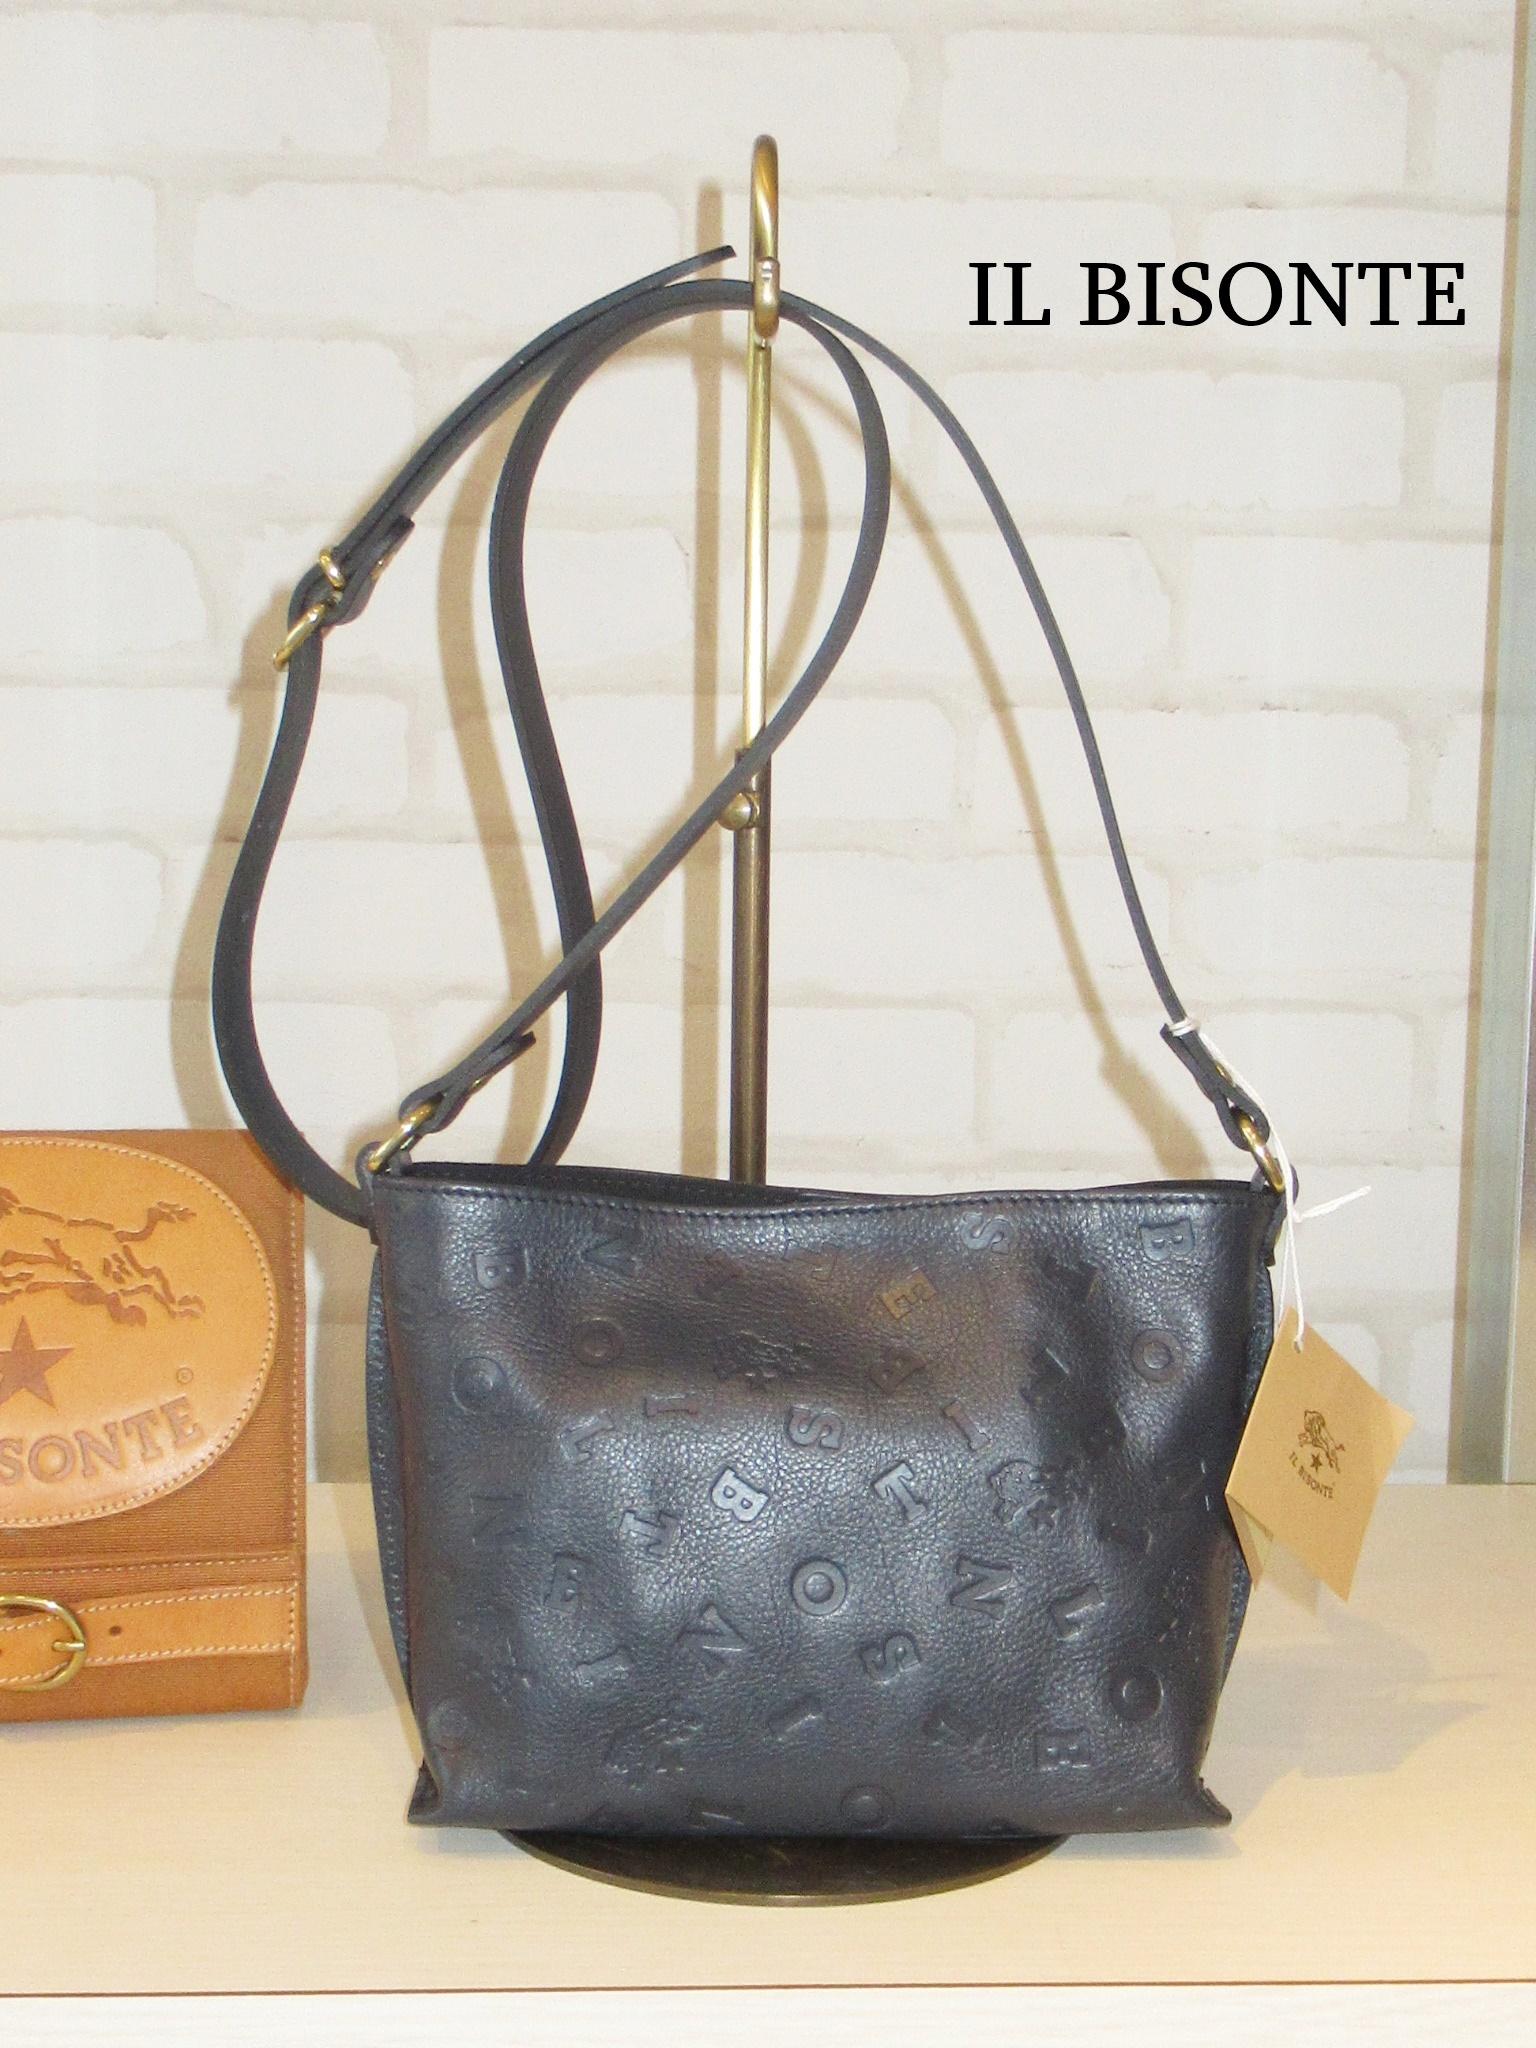 【日本限定】IL BISONTE/09110/ロゴエンボスショルダーバッグ(ネイビー)